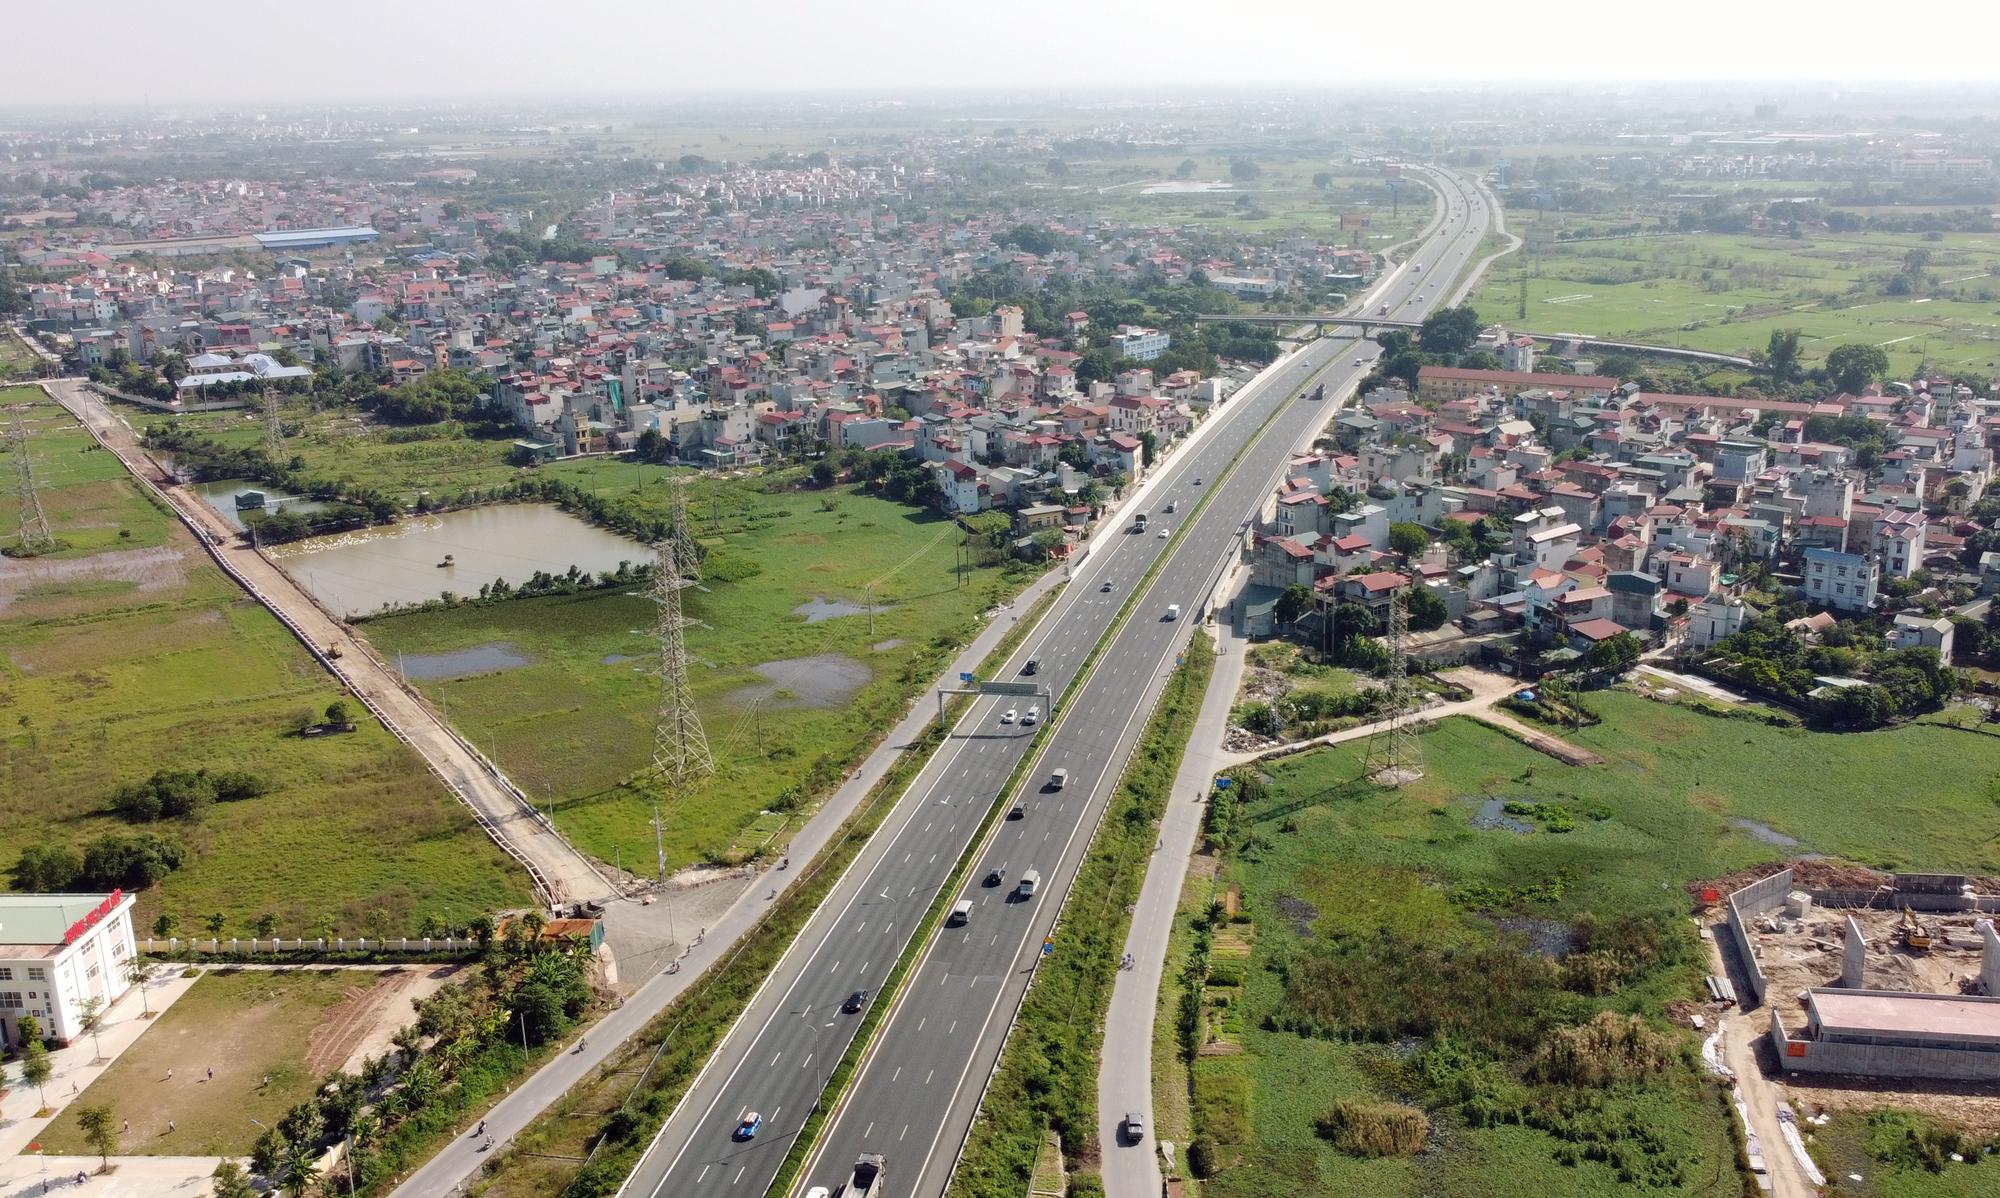 Sớm hoàn thiện 12 km đường gom phía đông cao tốc Pháp Vân - Cầu Giẽ đoạn qua huyện Thường Tín - Ảnh 1.